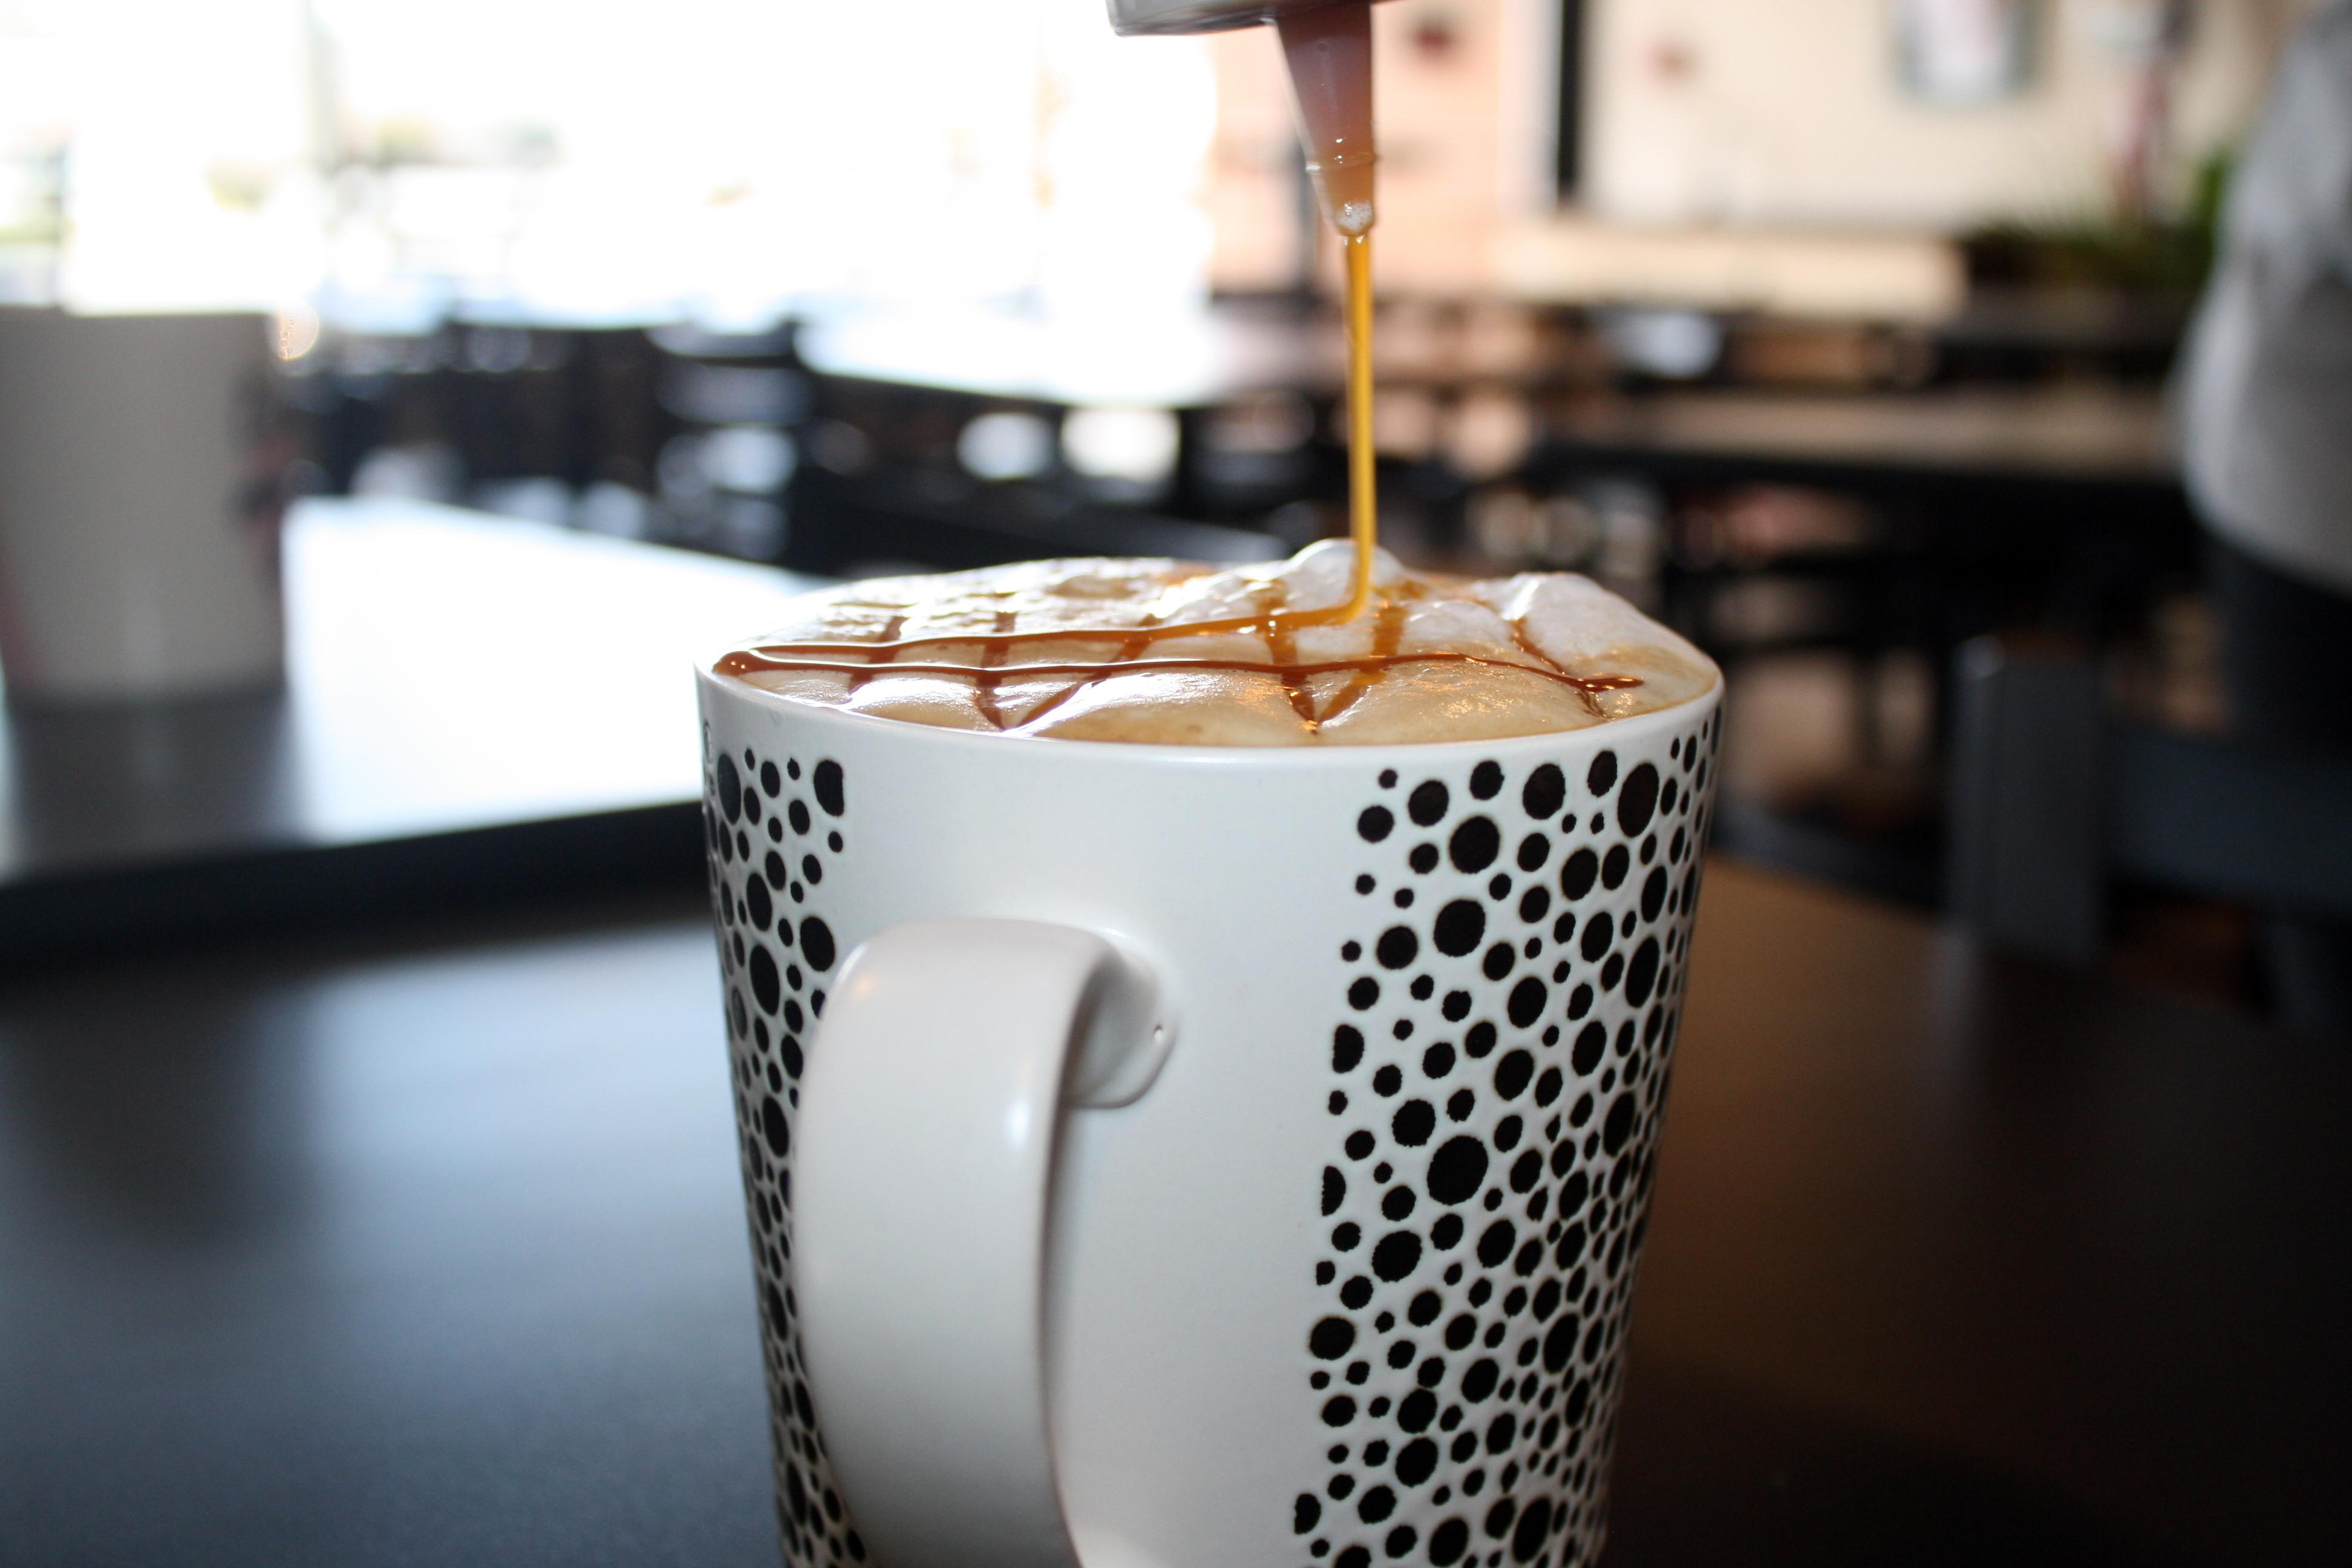 Kims Cafe Caramel Frappucino